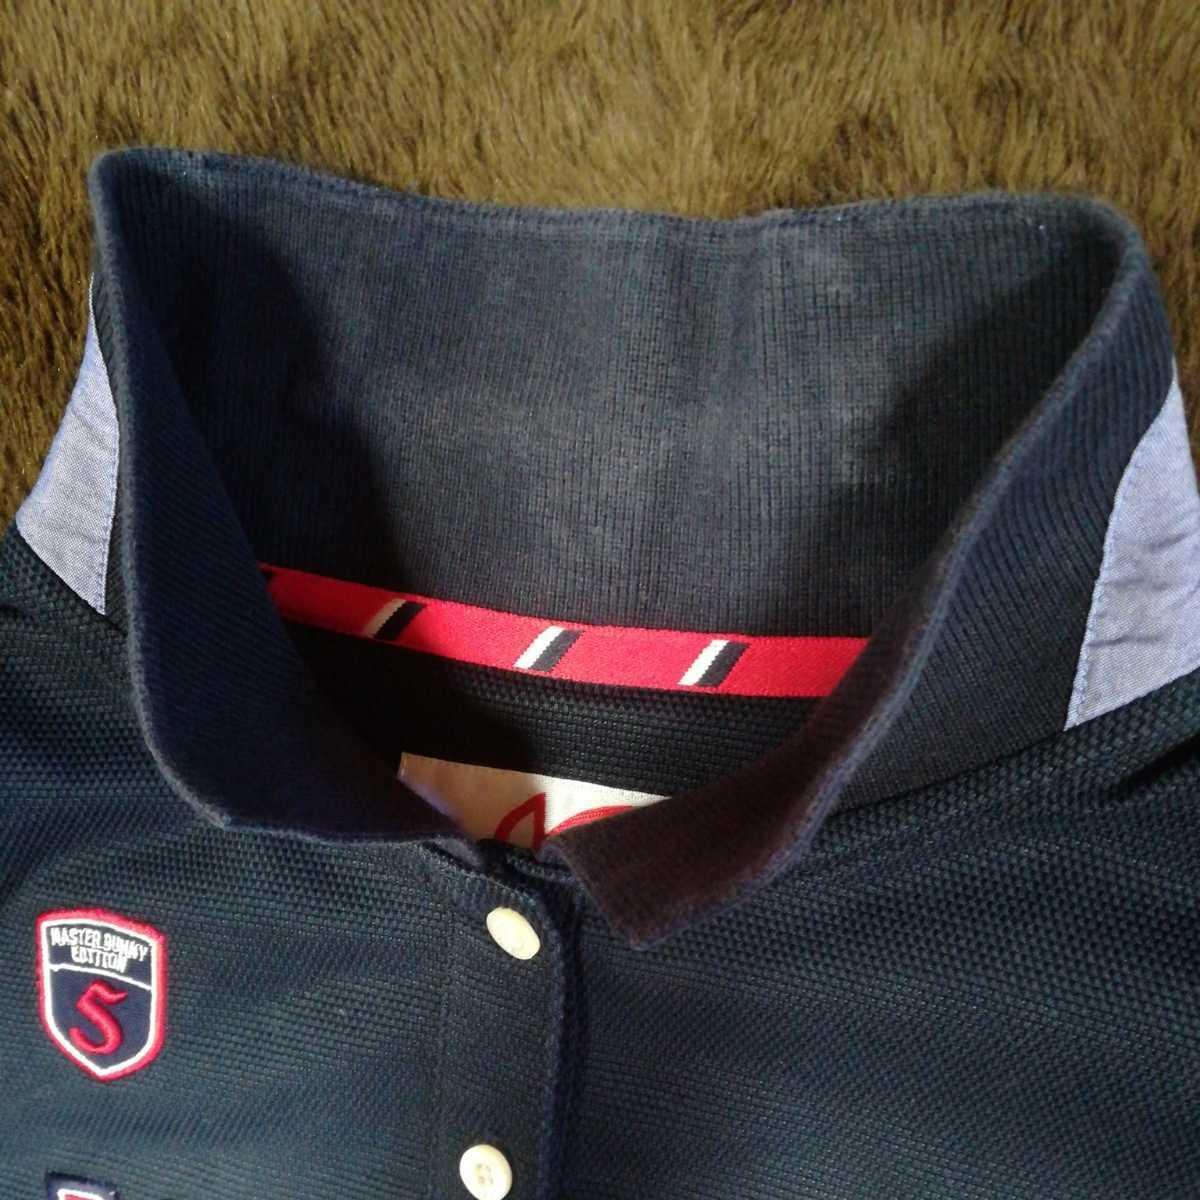 中古 正規品 マスターバニー パーリーゲイツ サイズ2 高品質エアロタッシェ素材 高機能 ポロシャツ 2枚セット 送料無料_画像5